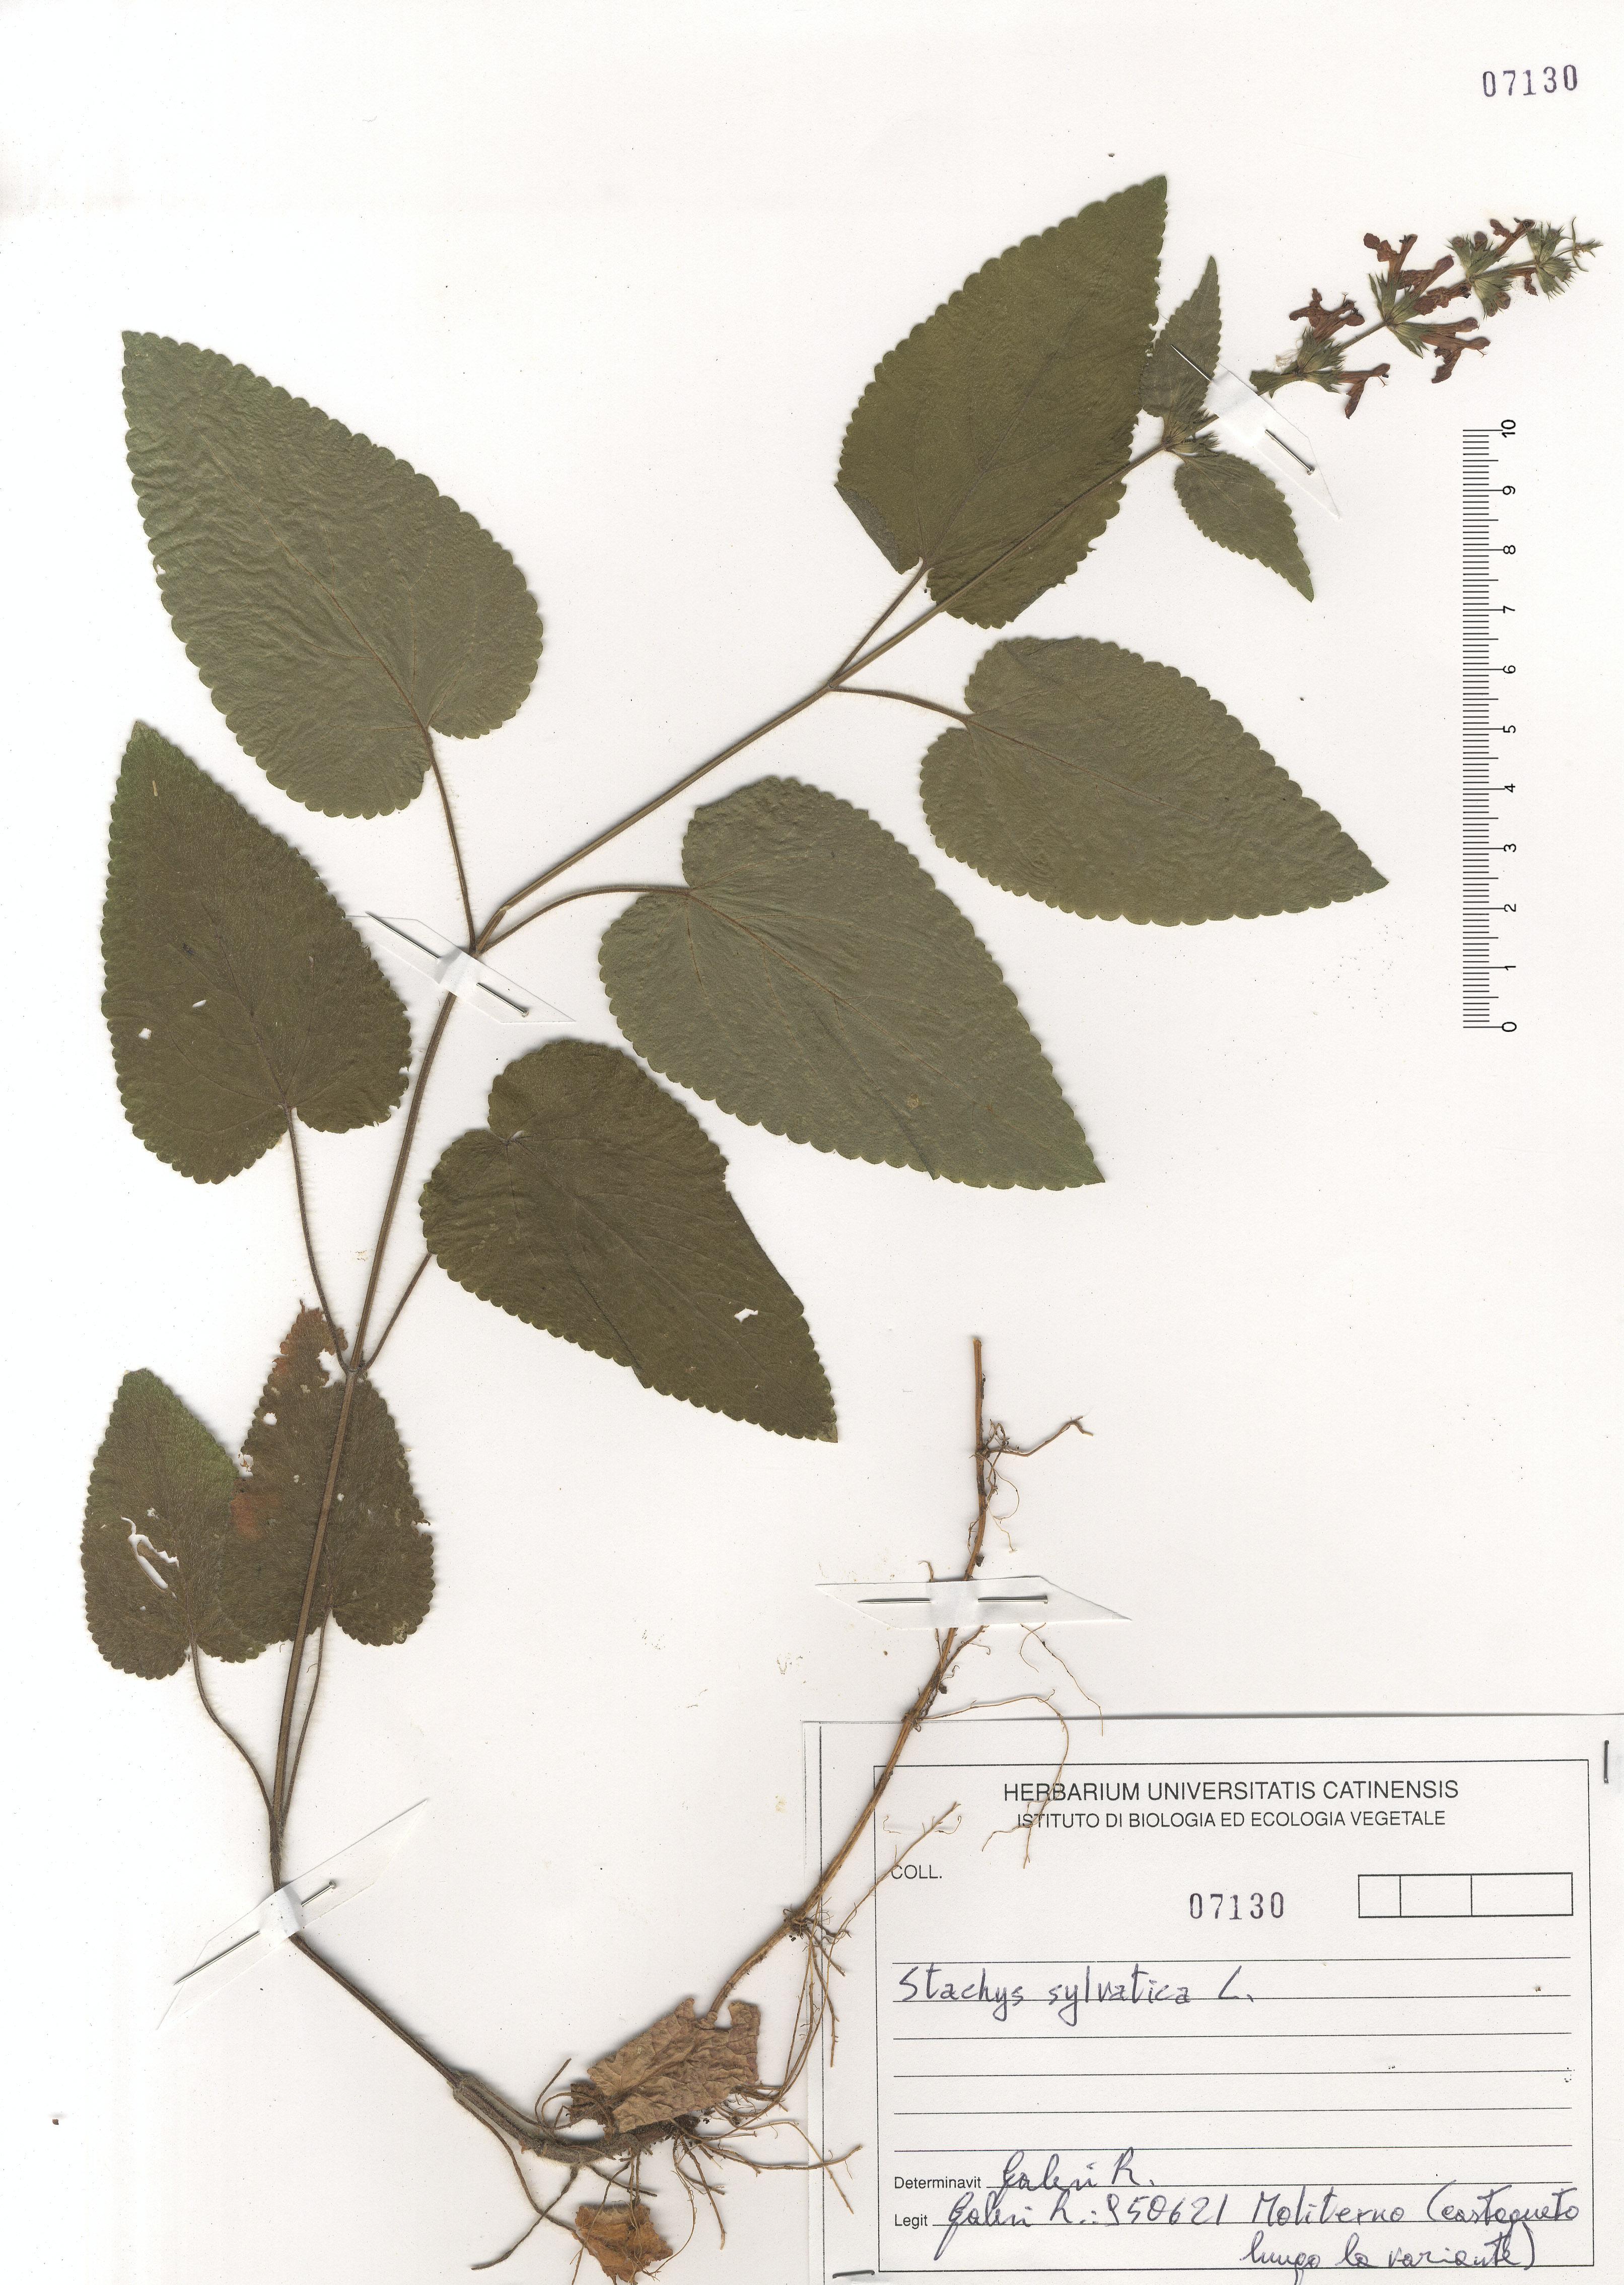 © Hortus Botanicus Catinensis - Herb. sheet 107130<br>